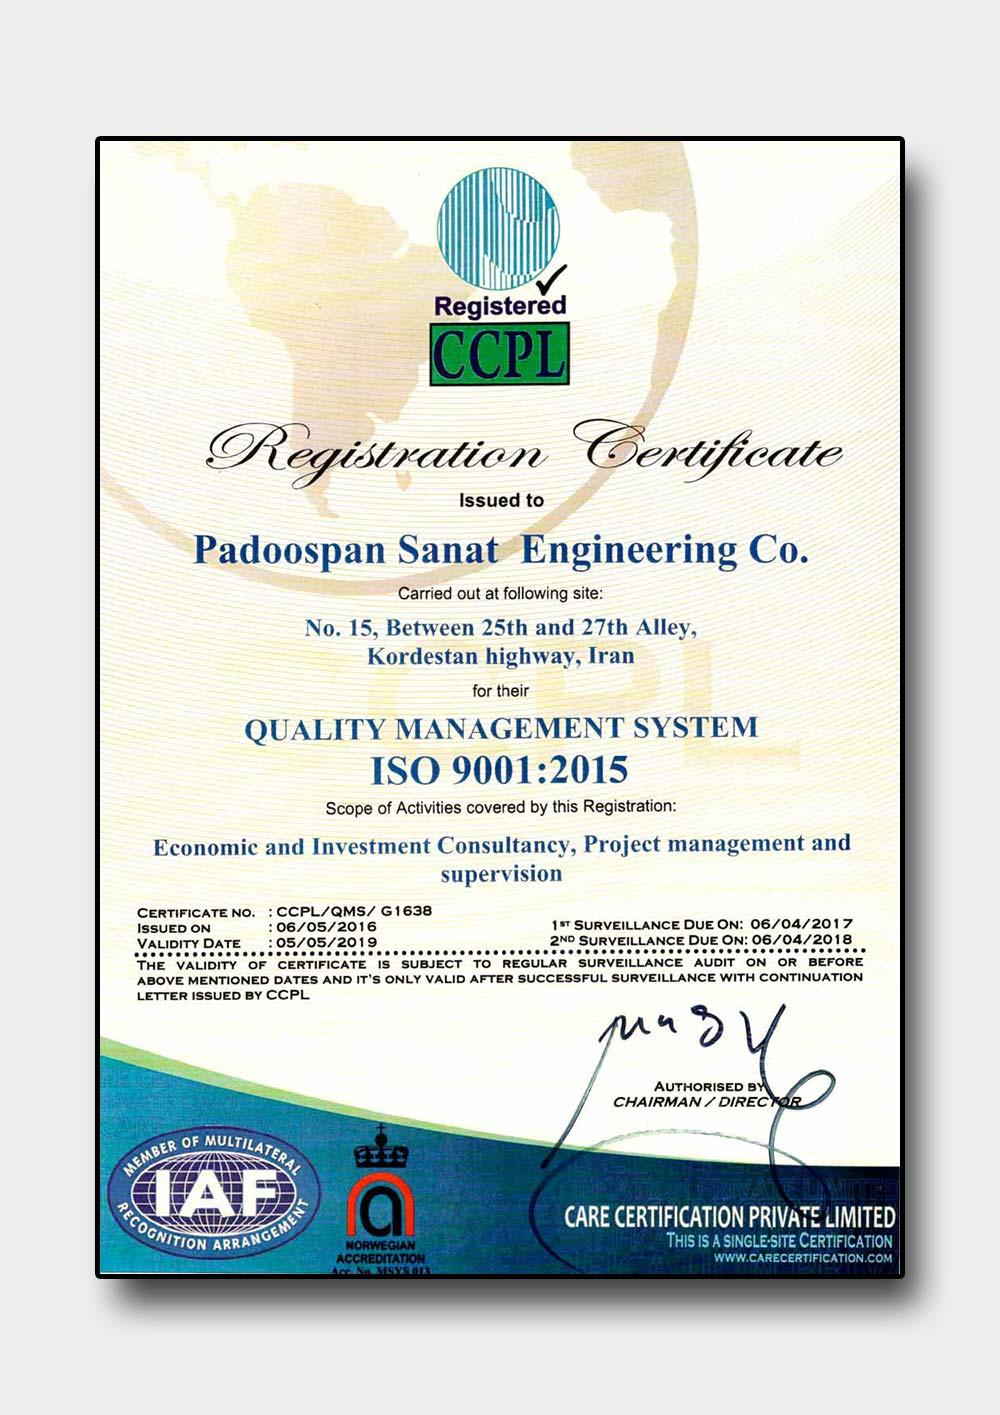 تصویر گواهینامه ISO در مدیریت کیفیت